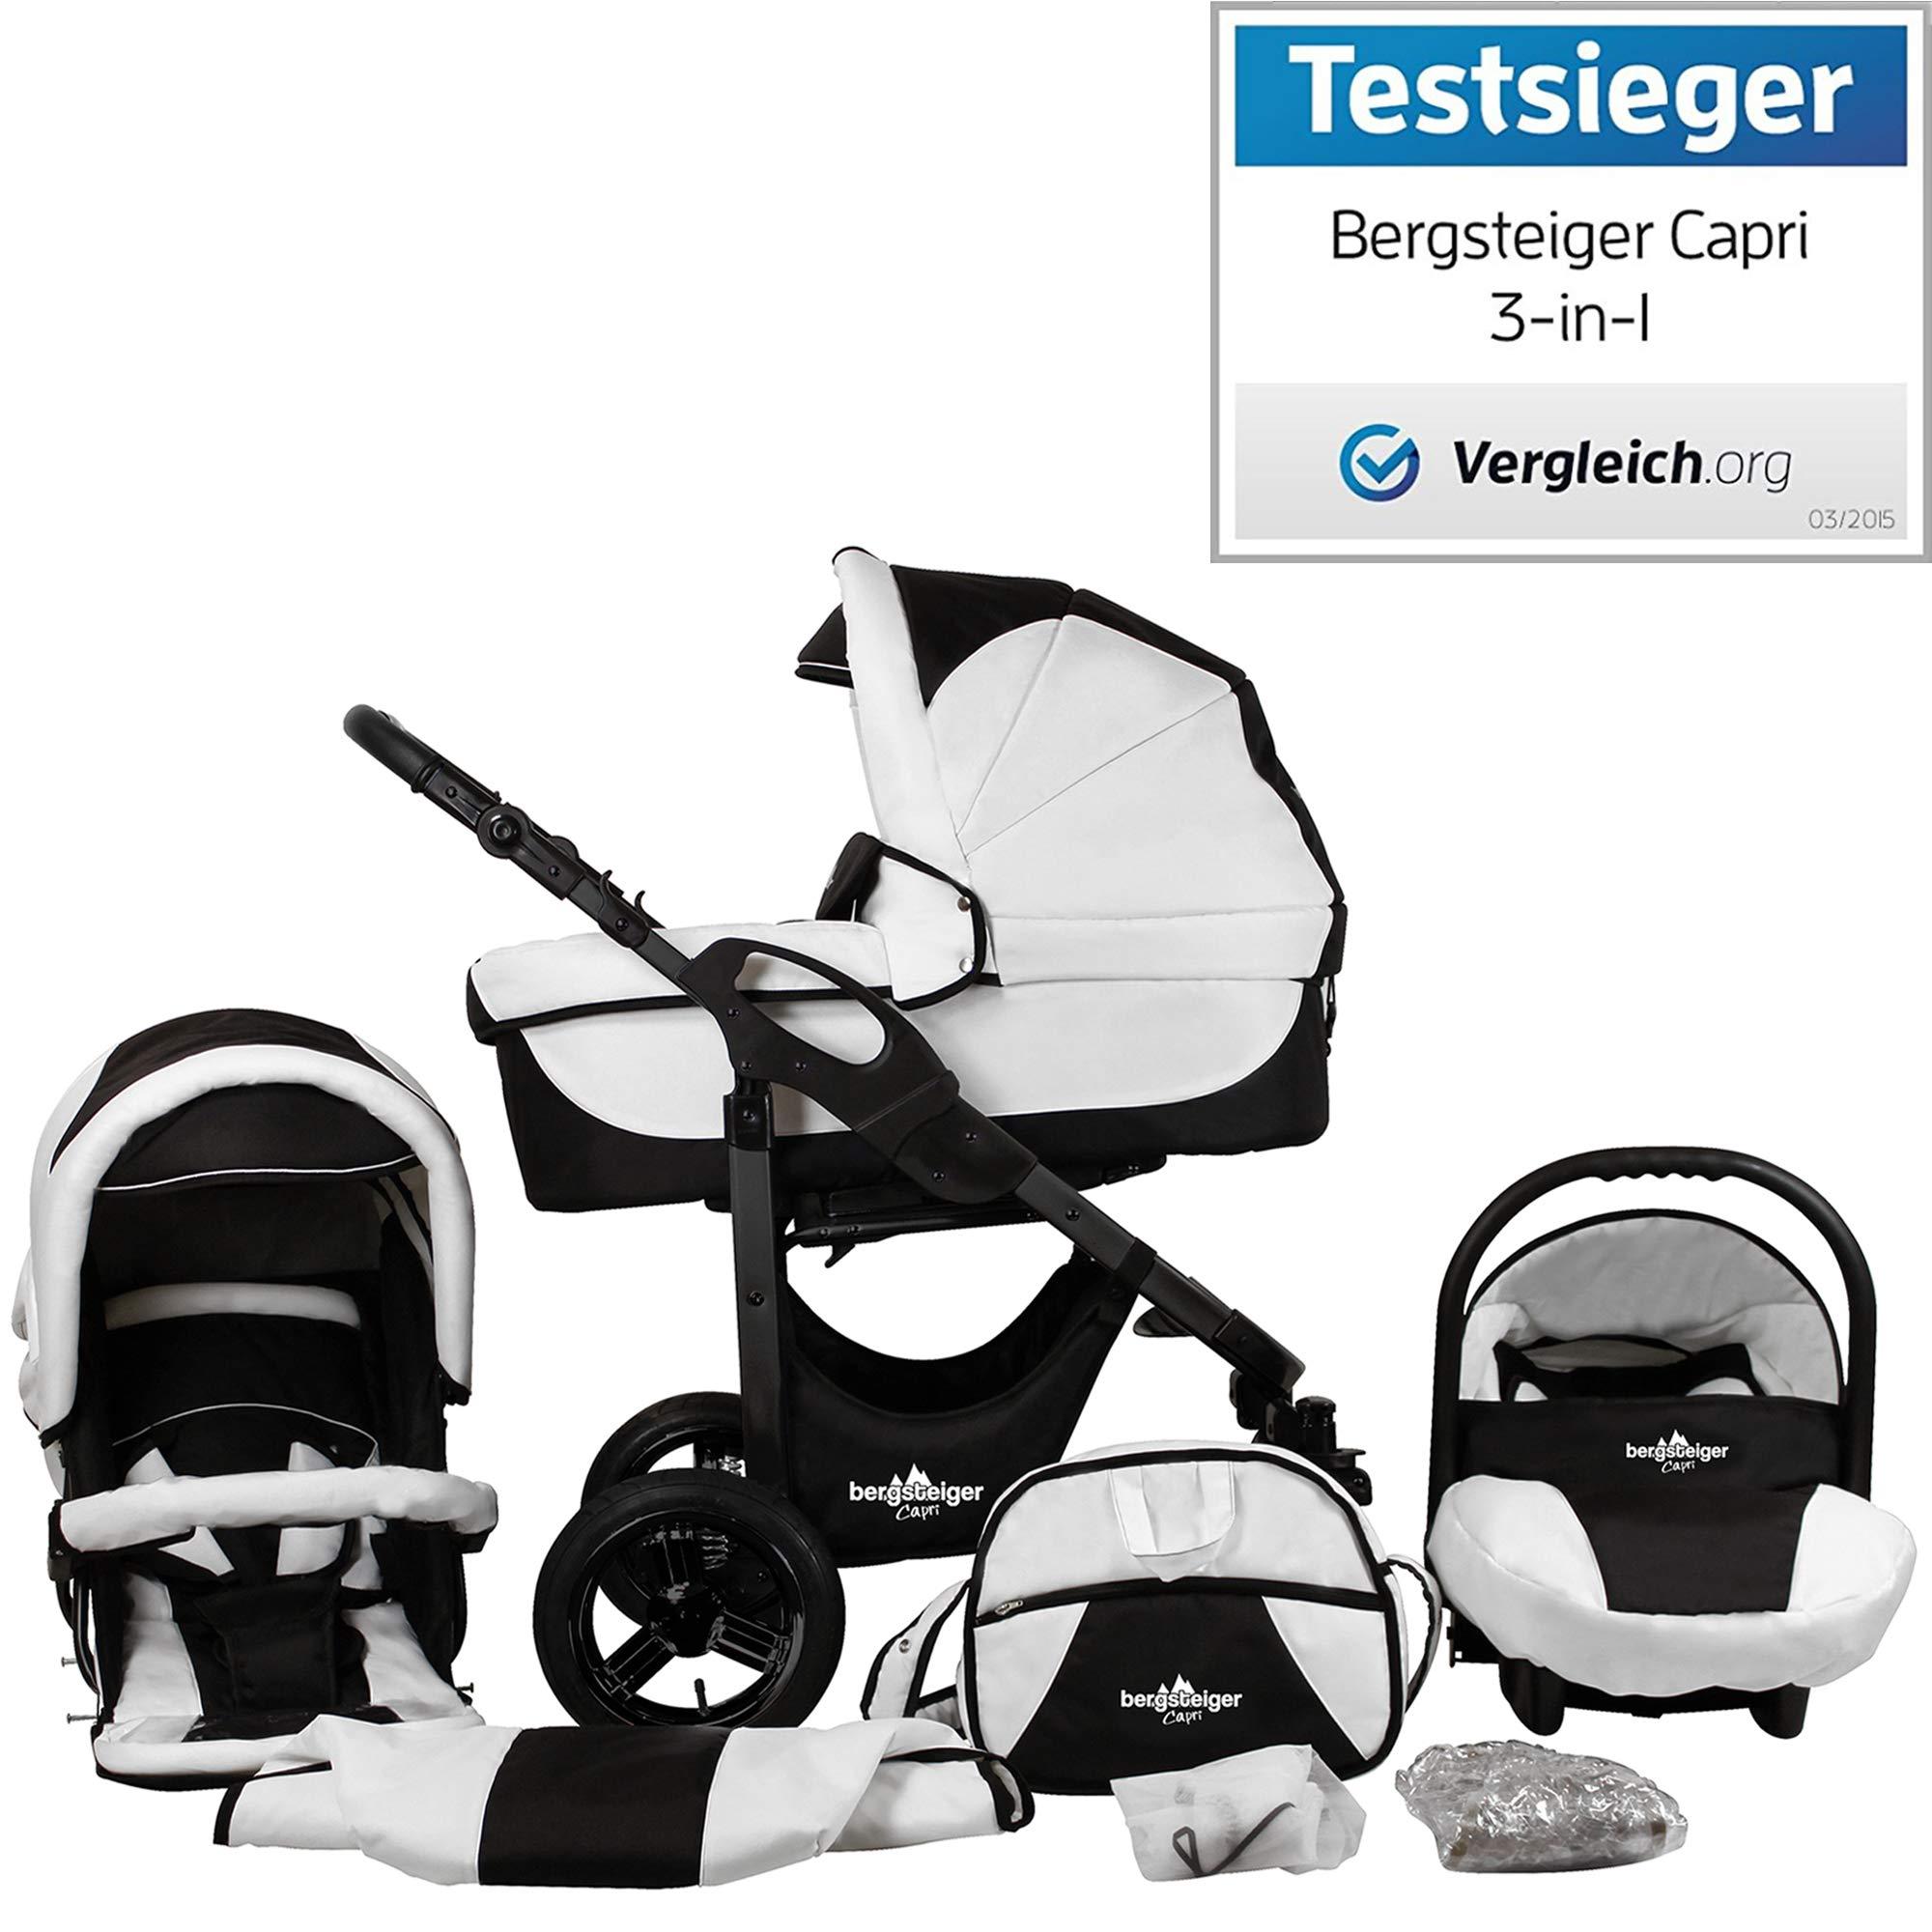 Bergsteiger Capri Black & White Kinderwagen 3 in 1 Kombikinderwagen Megaset 10 teilig inkl. Babyschale, Babywanne, Sportwagen und Zubehör